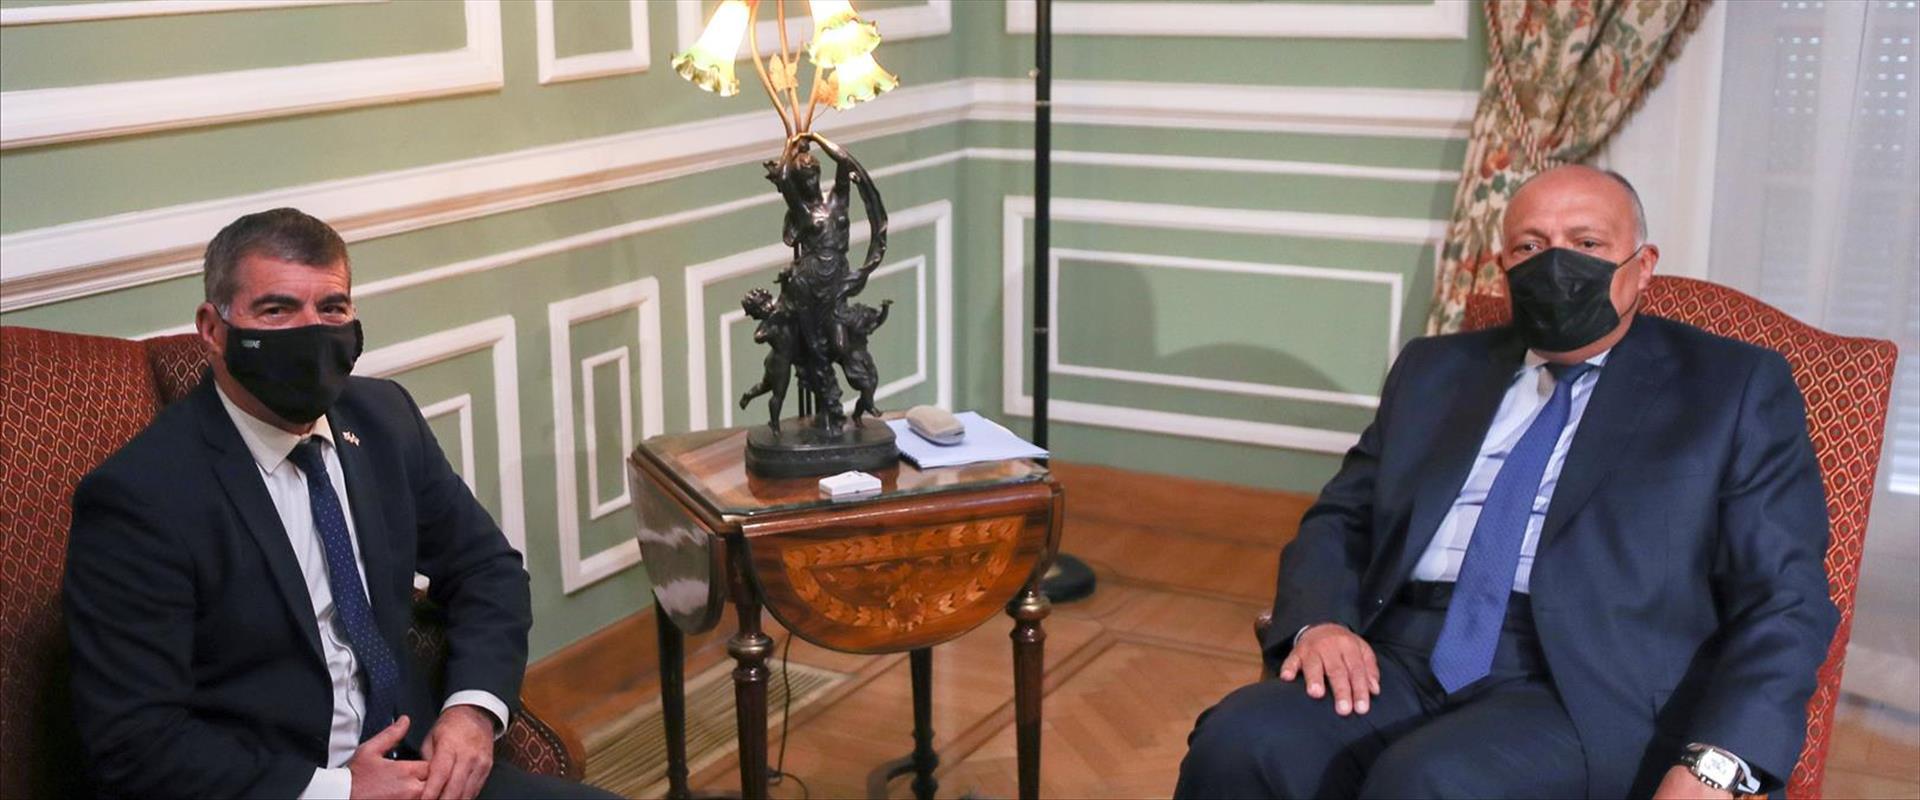 שר החוץ המצרי שוכרי והשר אשכנזי בקהיר, היום